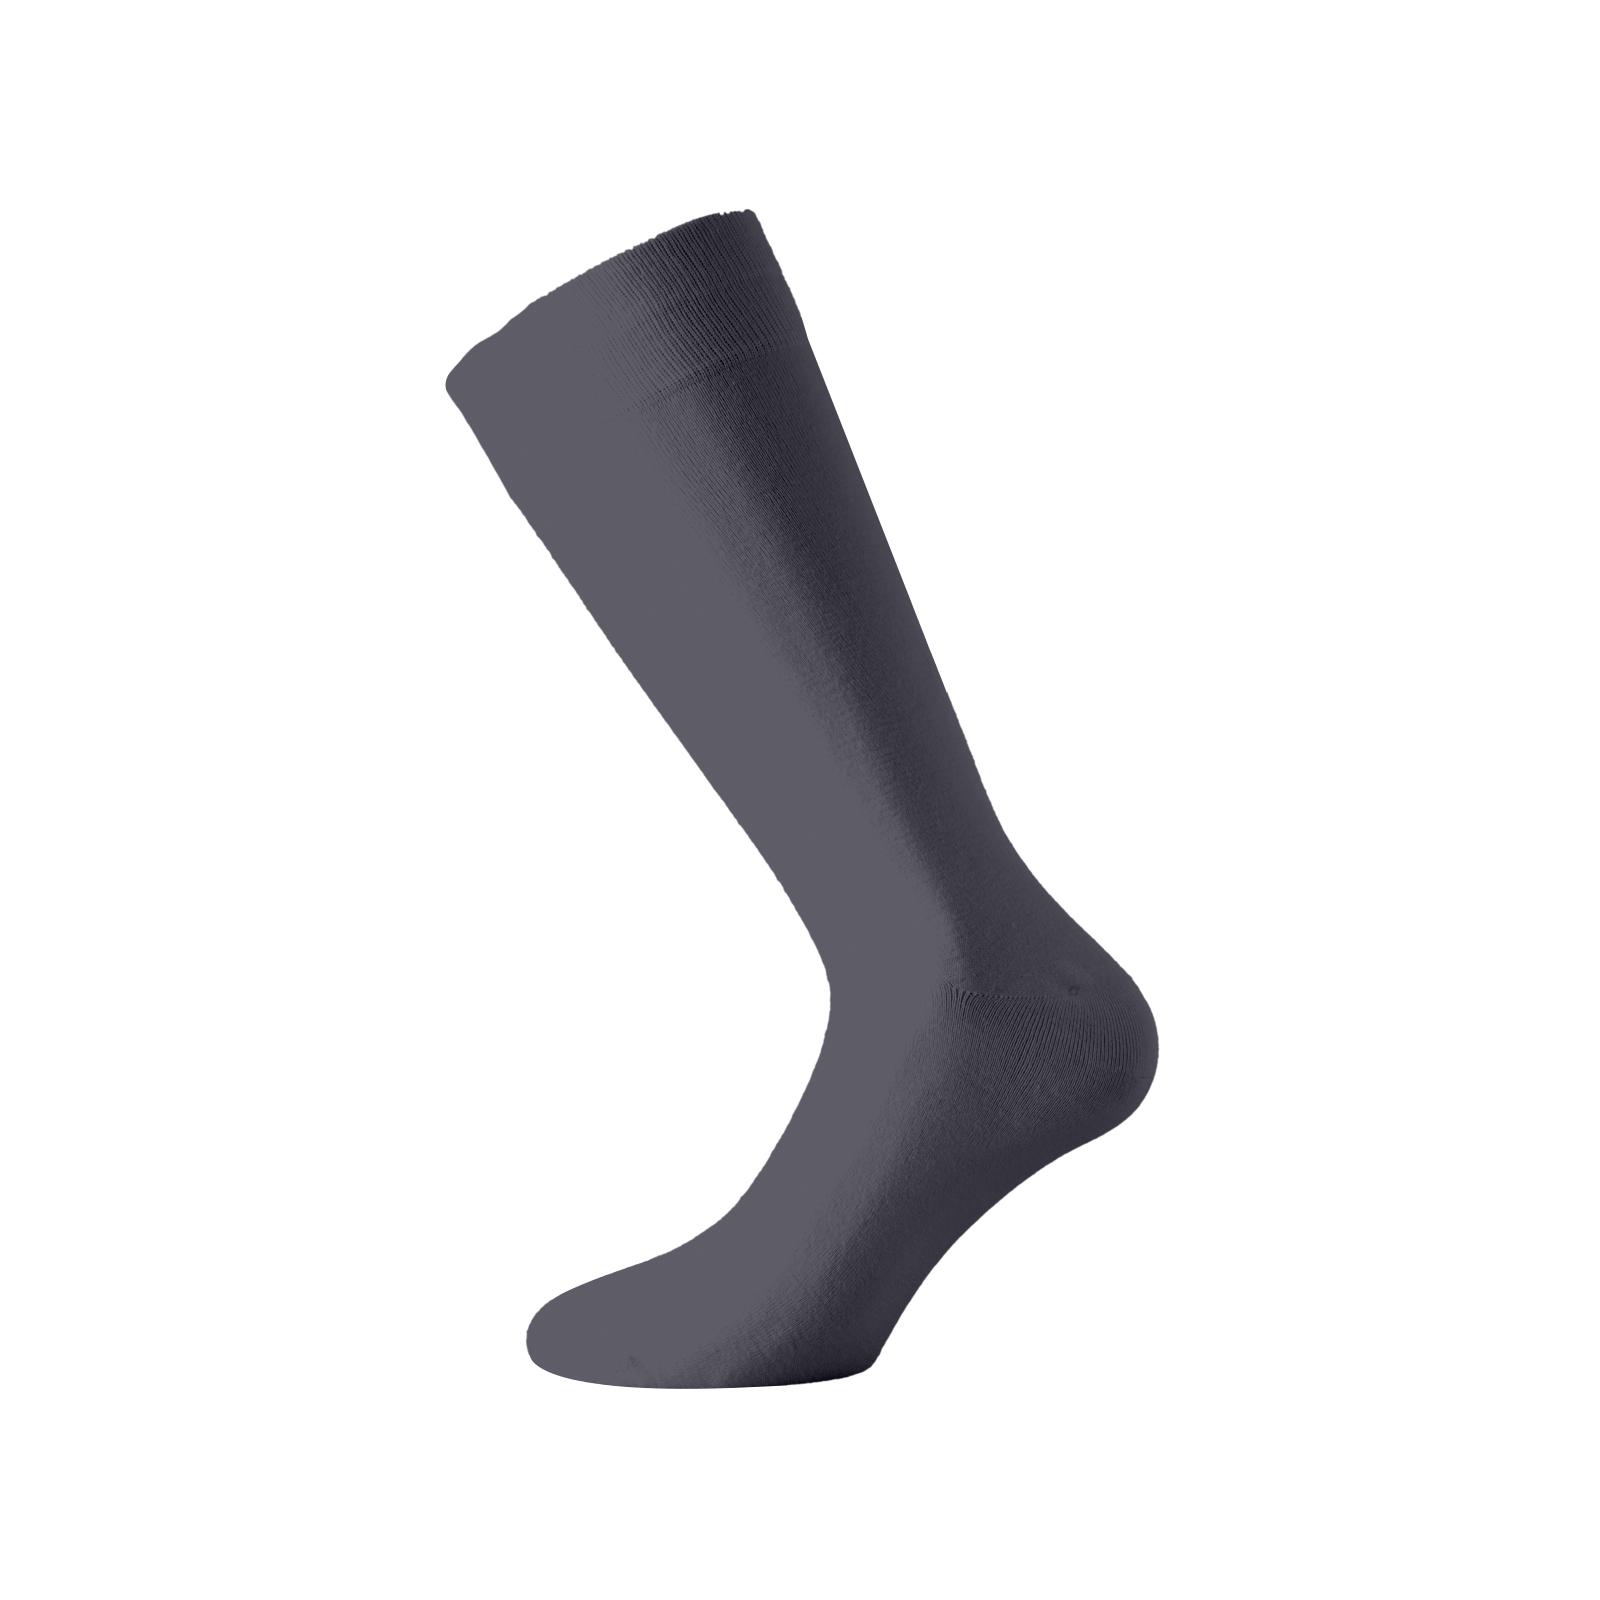 Walk Ανδρική κάλτσα - Bamboo - Aντιβακτηριδιακή δράση - Γκρι σκούρο ... 7f7cecc21fc